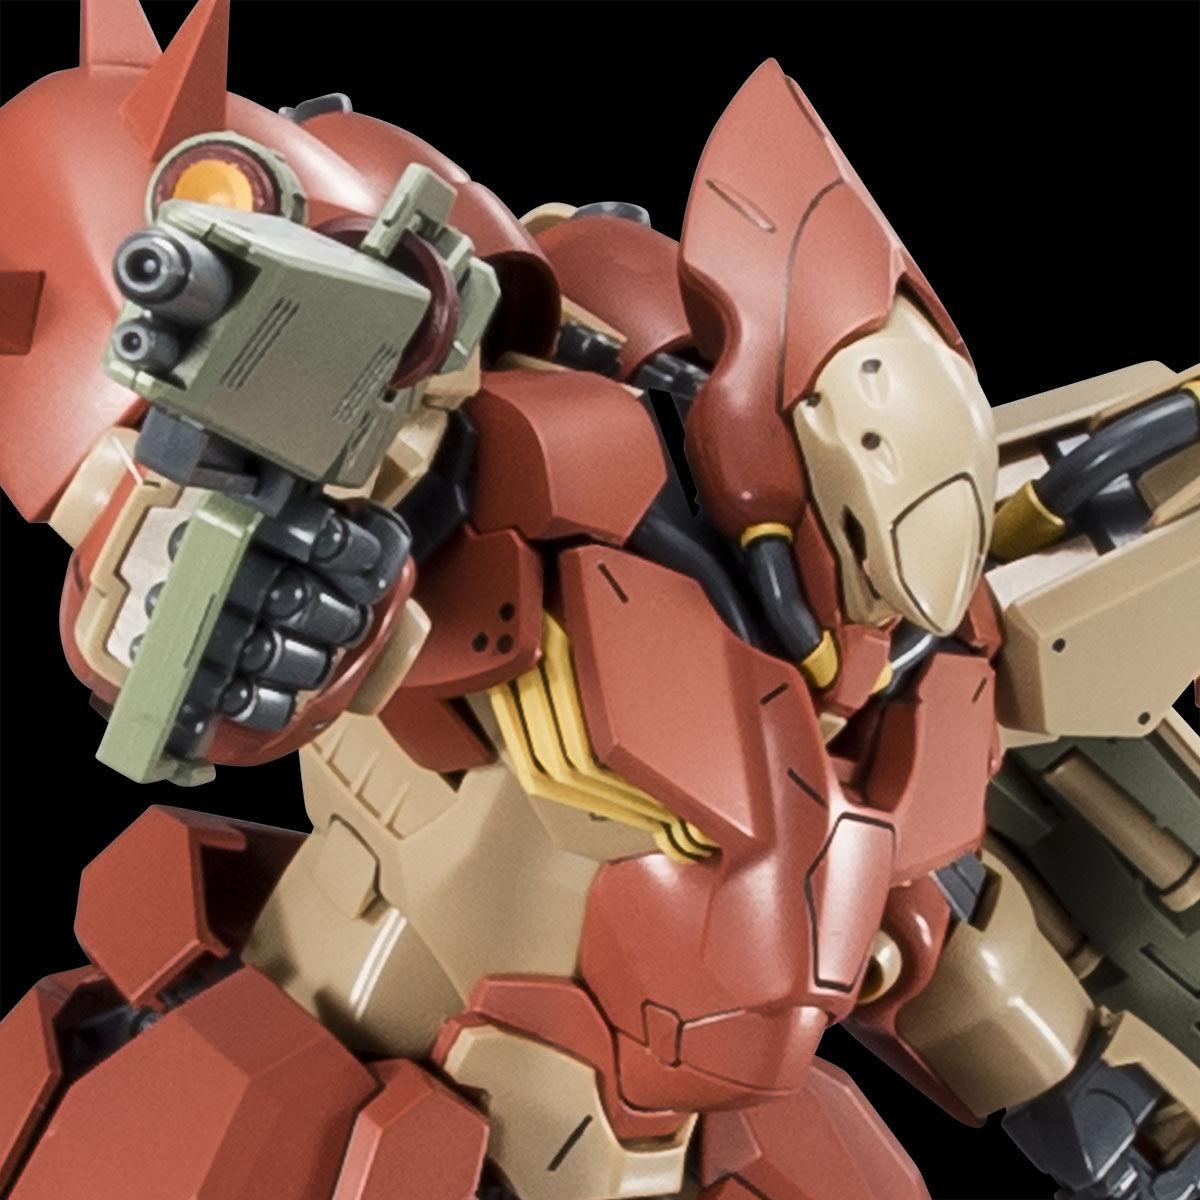 【限定販売】HG 1/144『メッサーF02型』機動戦士ガンダム 閃光のハサウェイ プラモデル-001